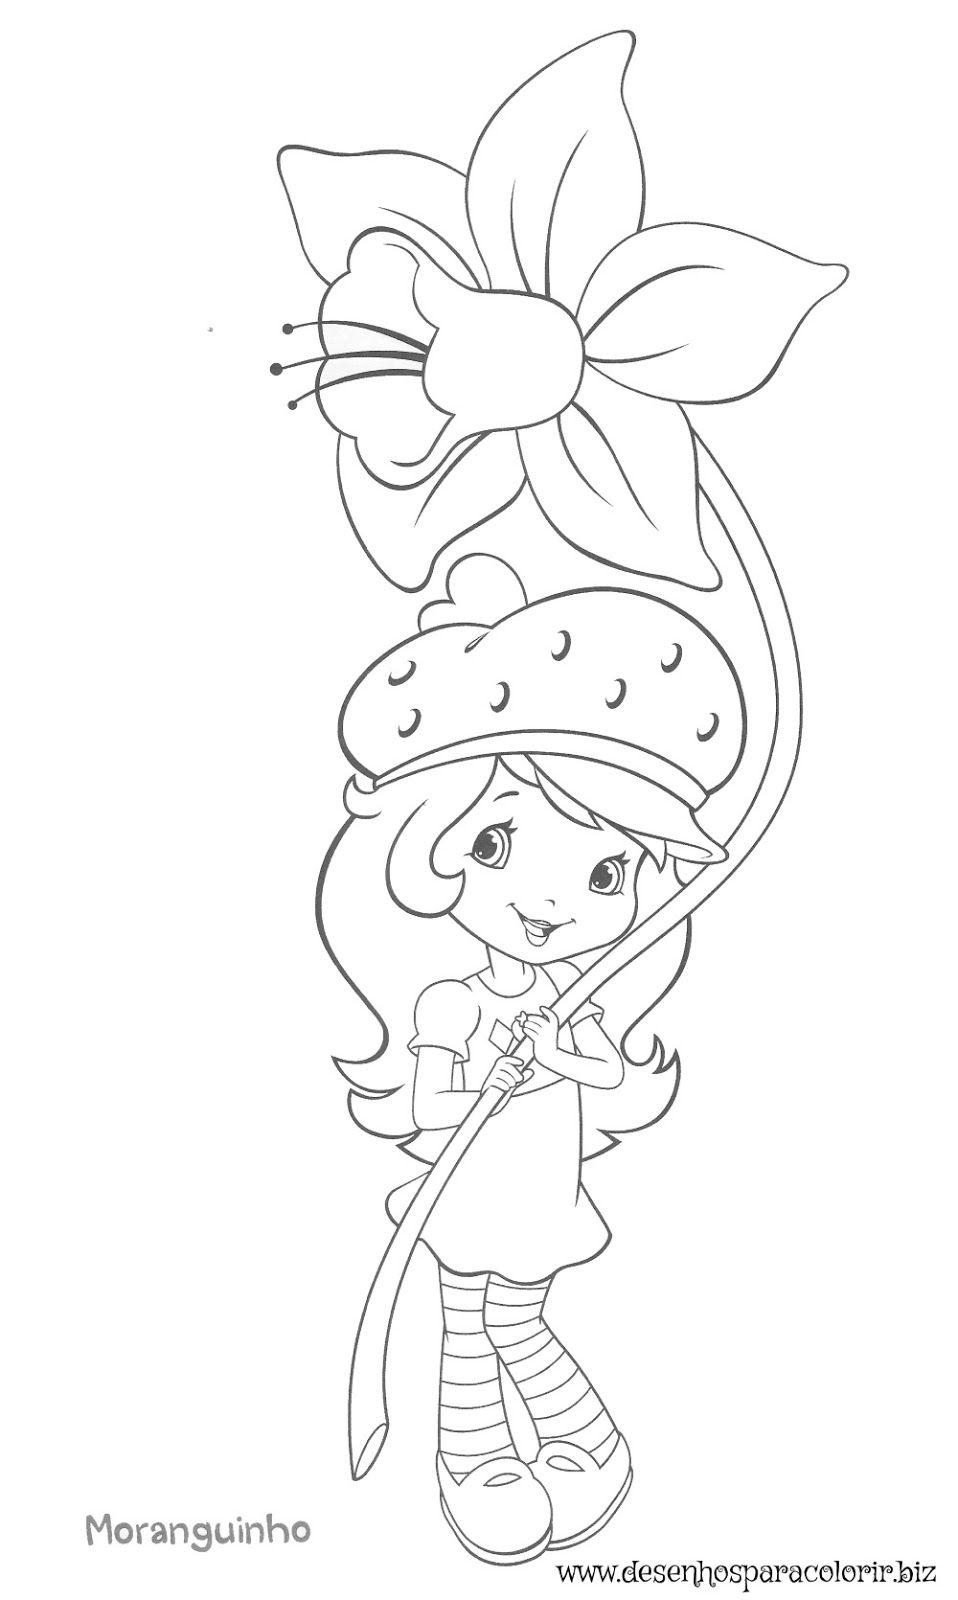 Moranguinho 13 Jpg 958 1600 Com Imagens Desenhos Infantis